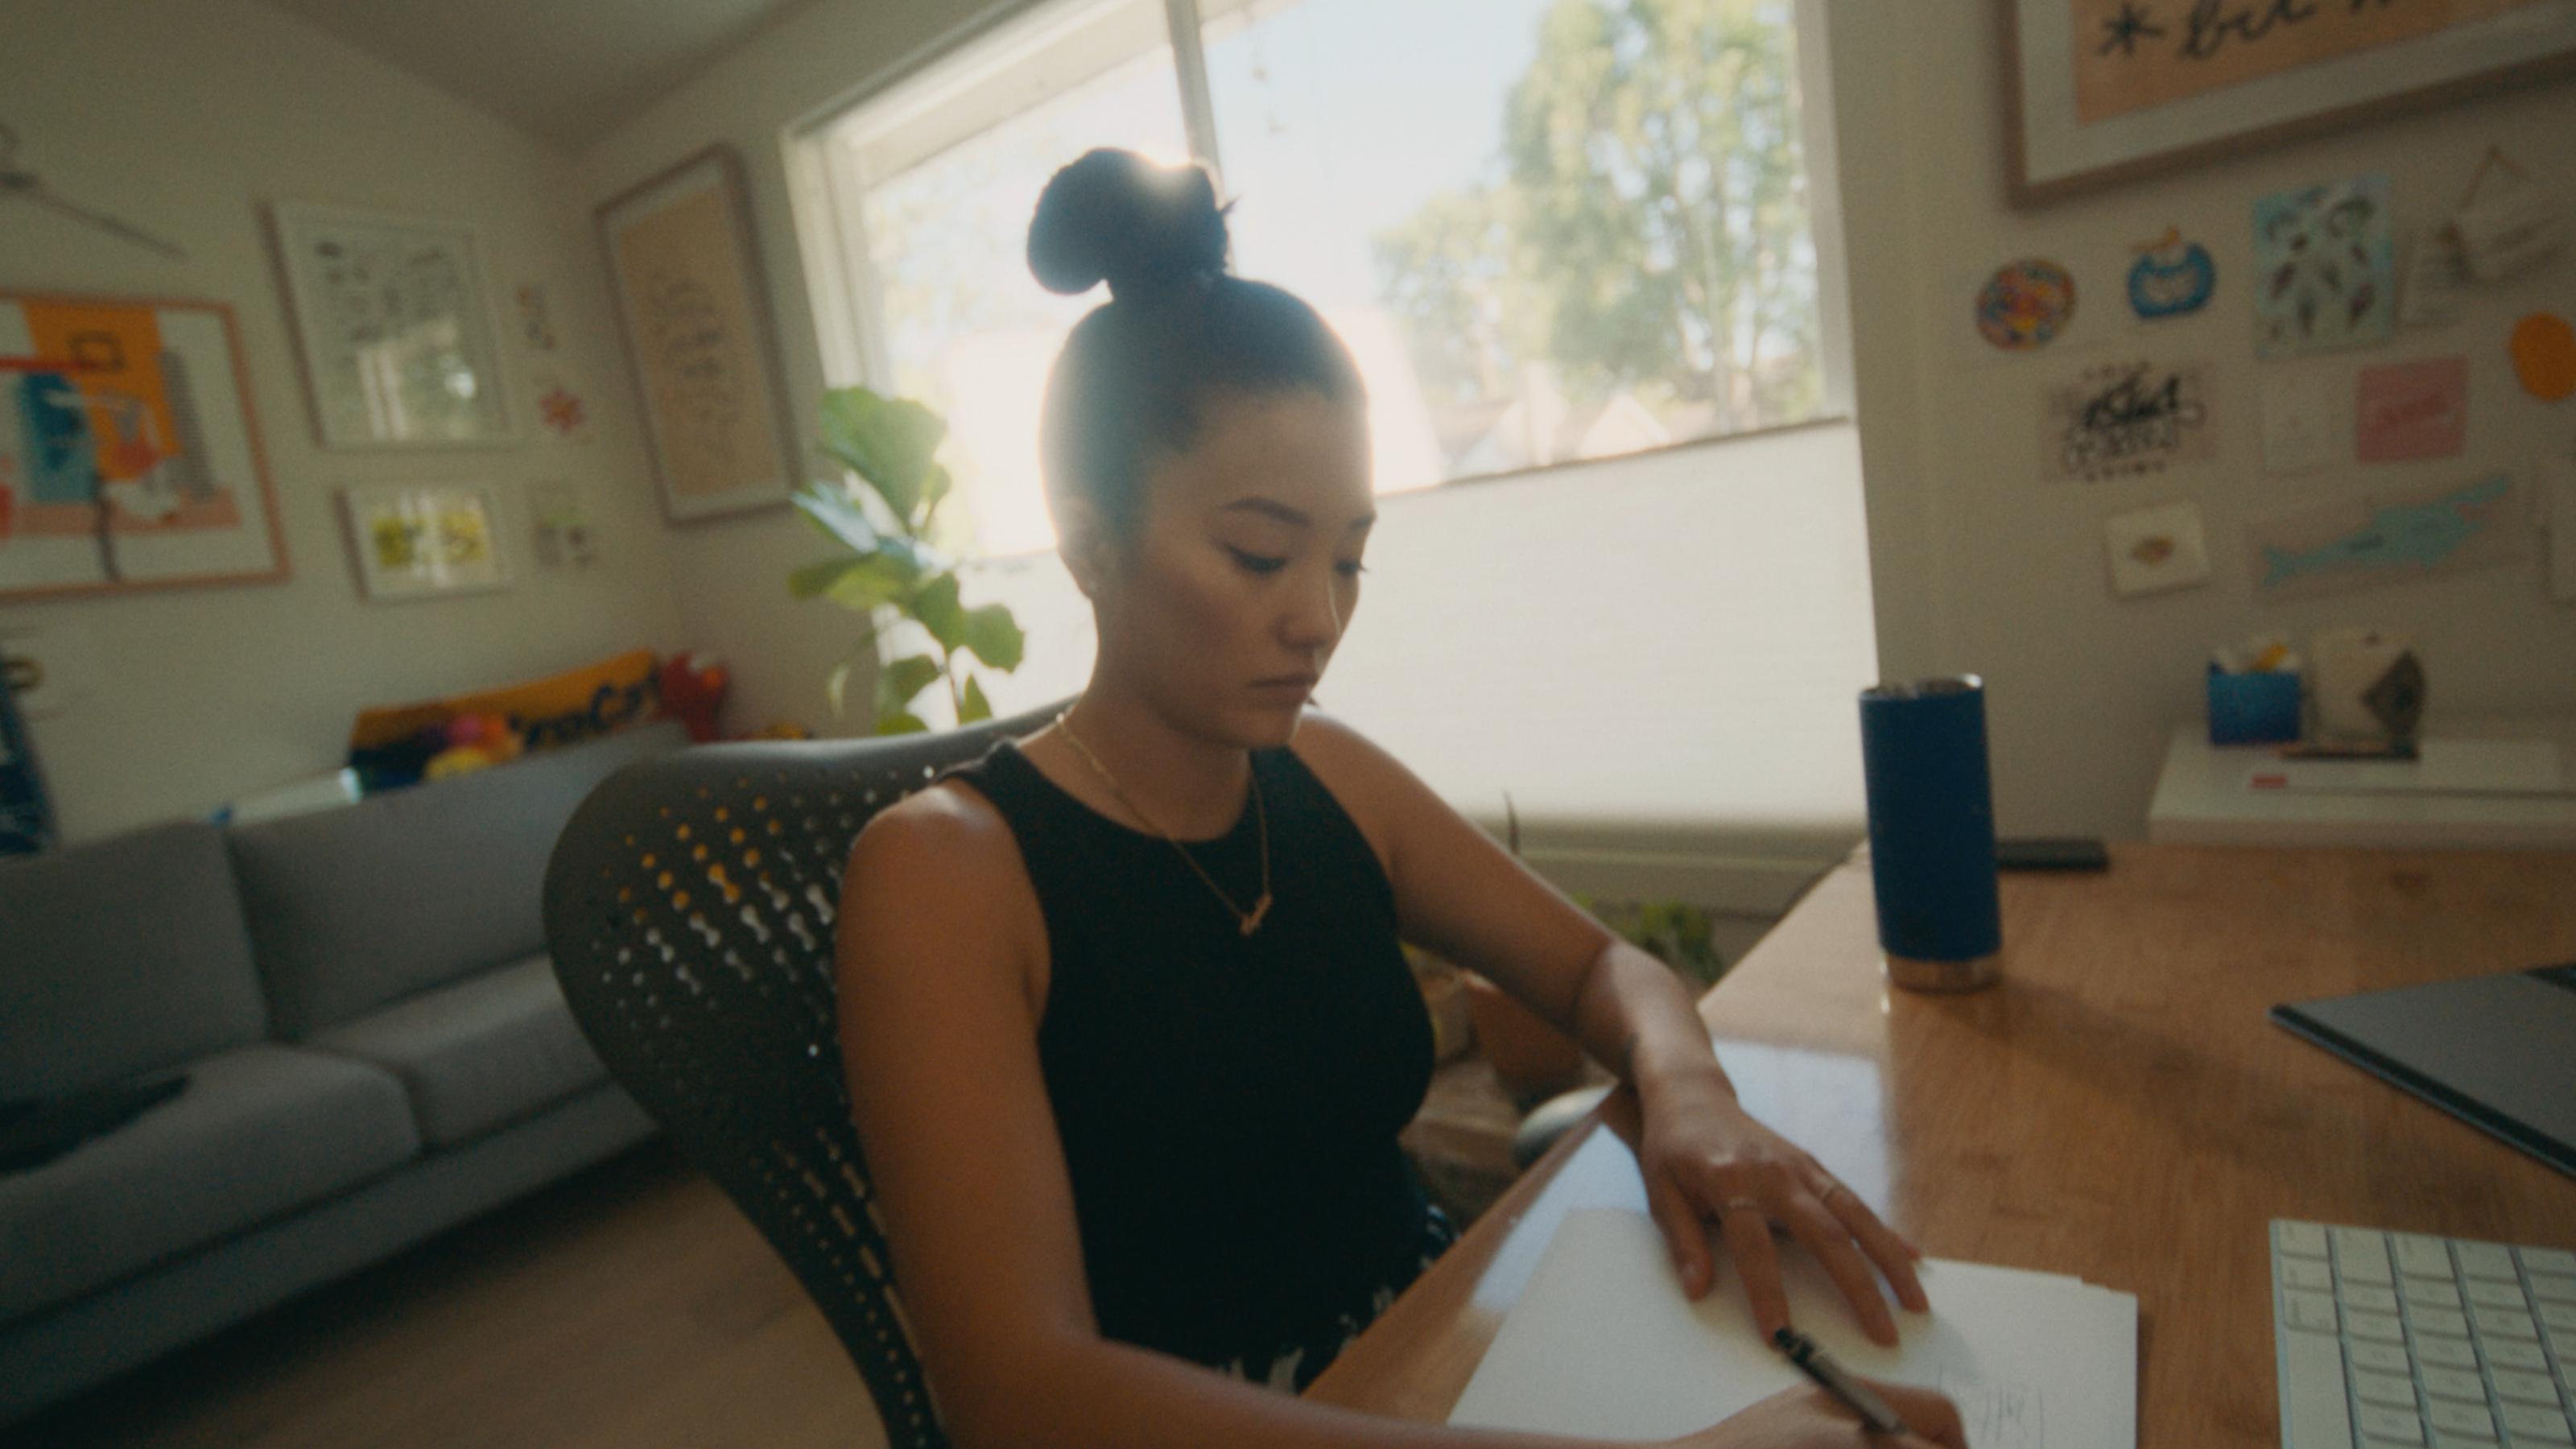 La créatrice de meubles Nicole Crowder travaillant sur son ordinateur portable